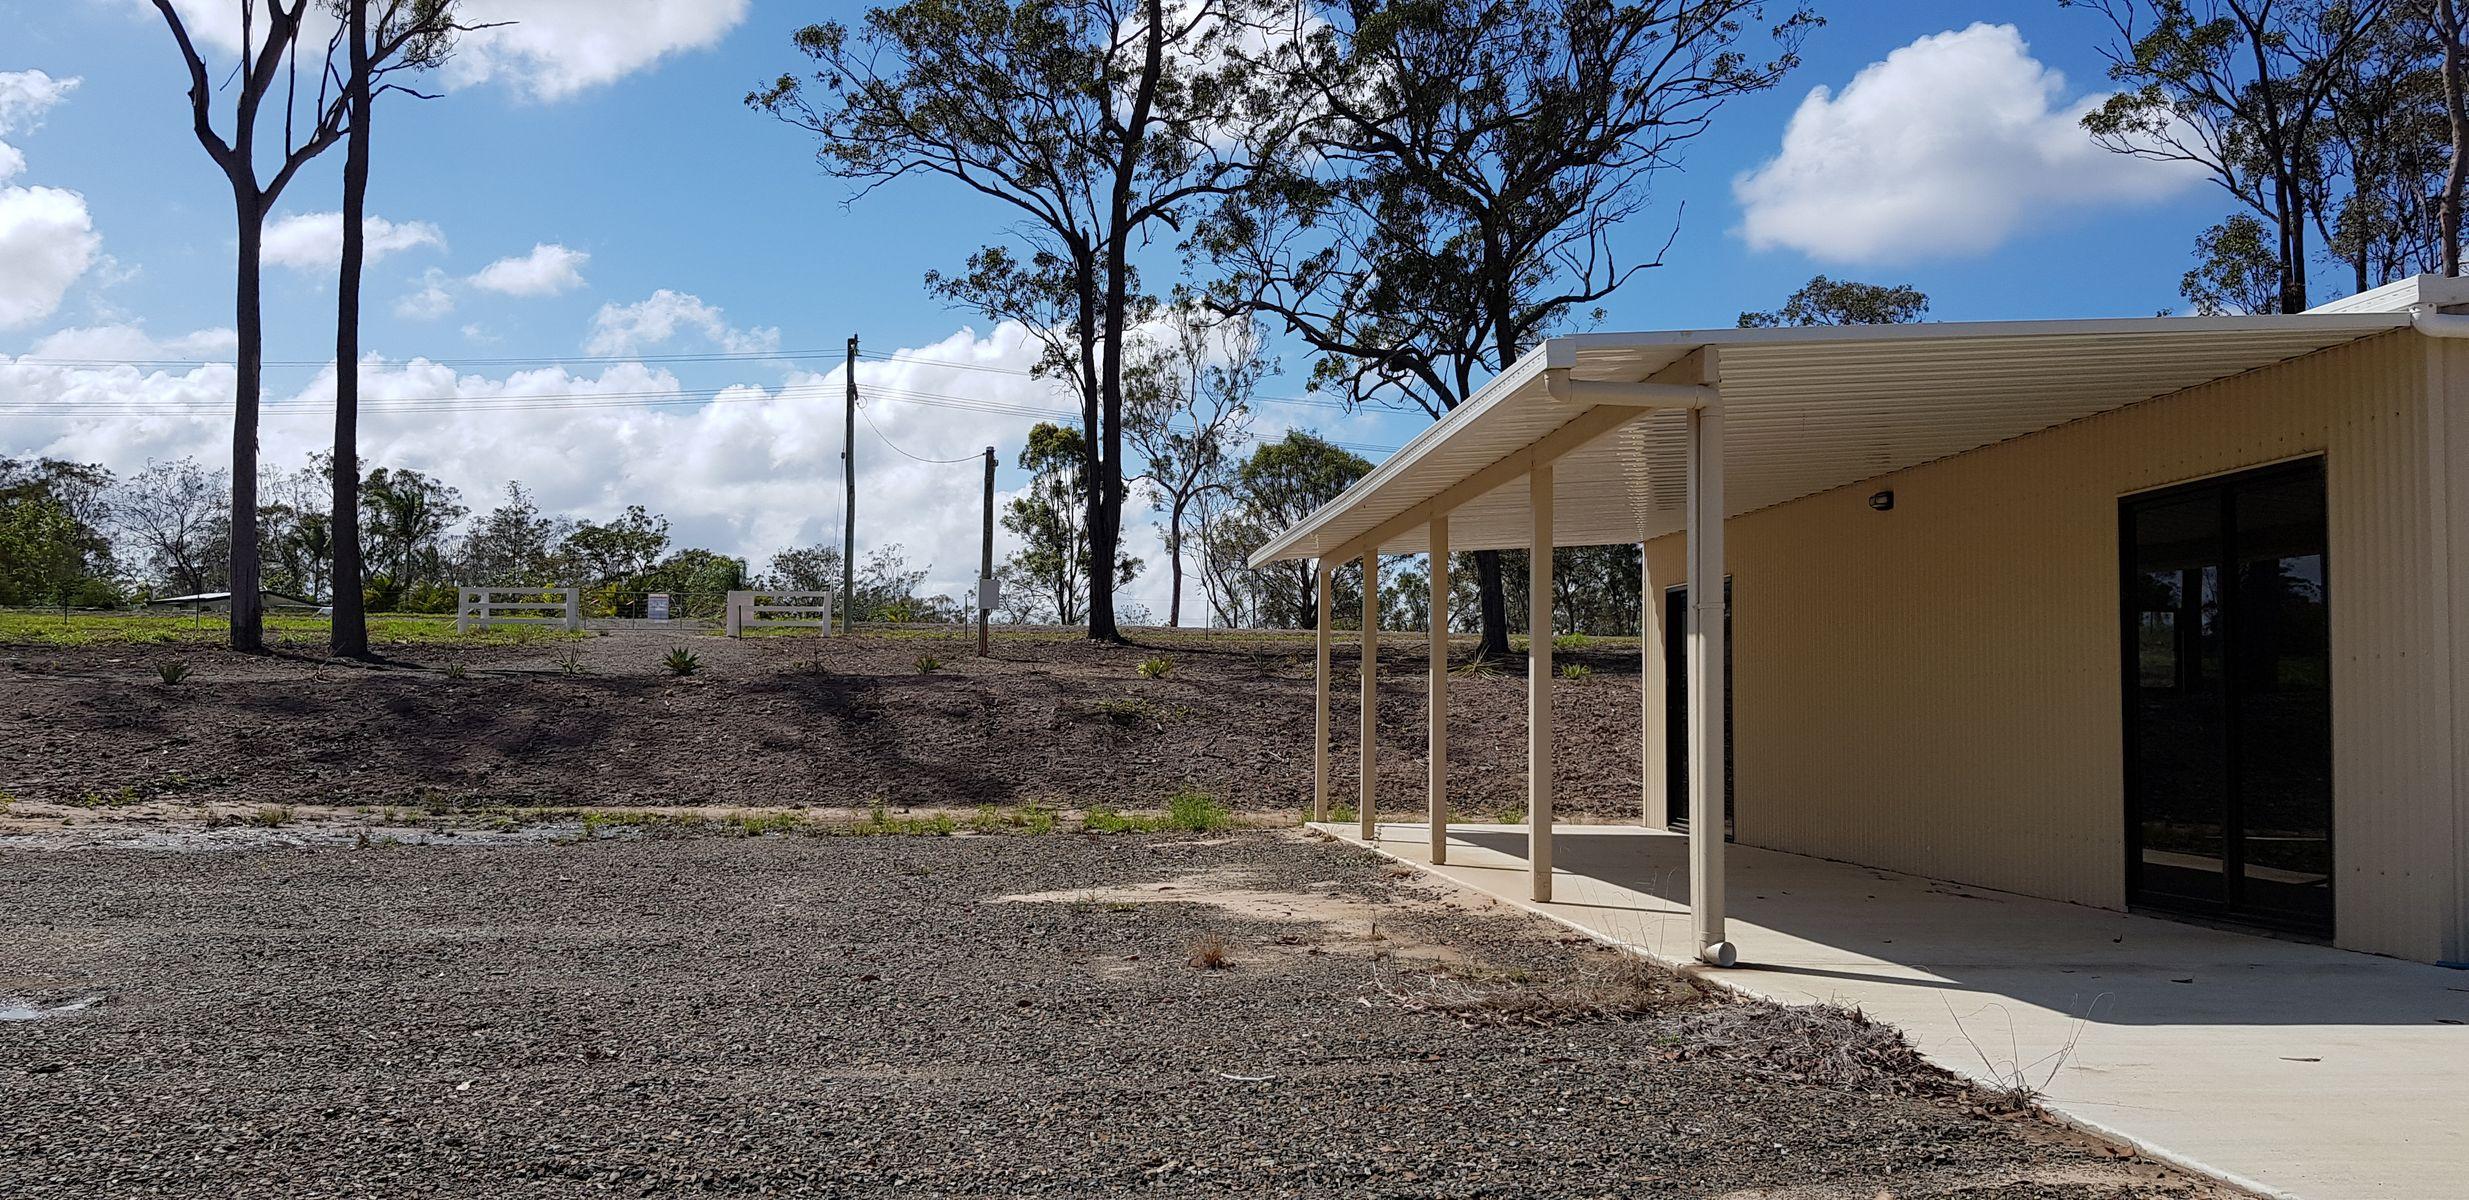 24 Billabong Way, Bucca, QLD 4670